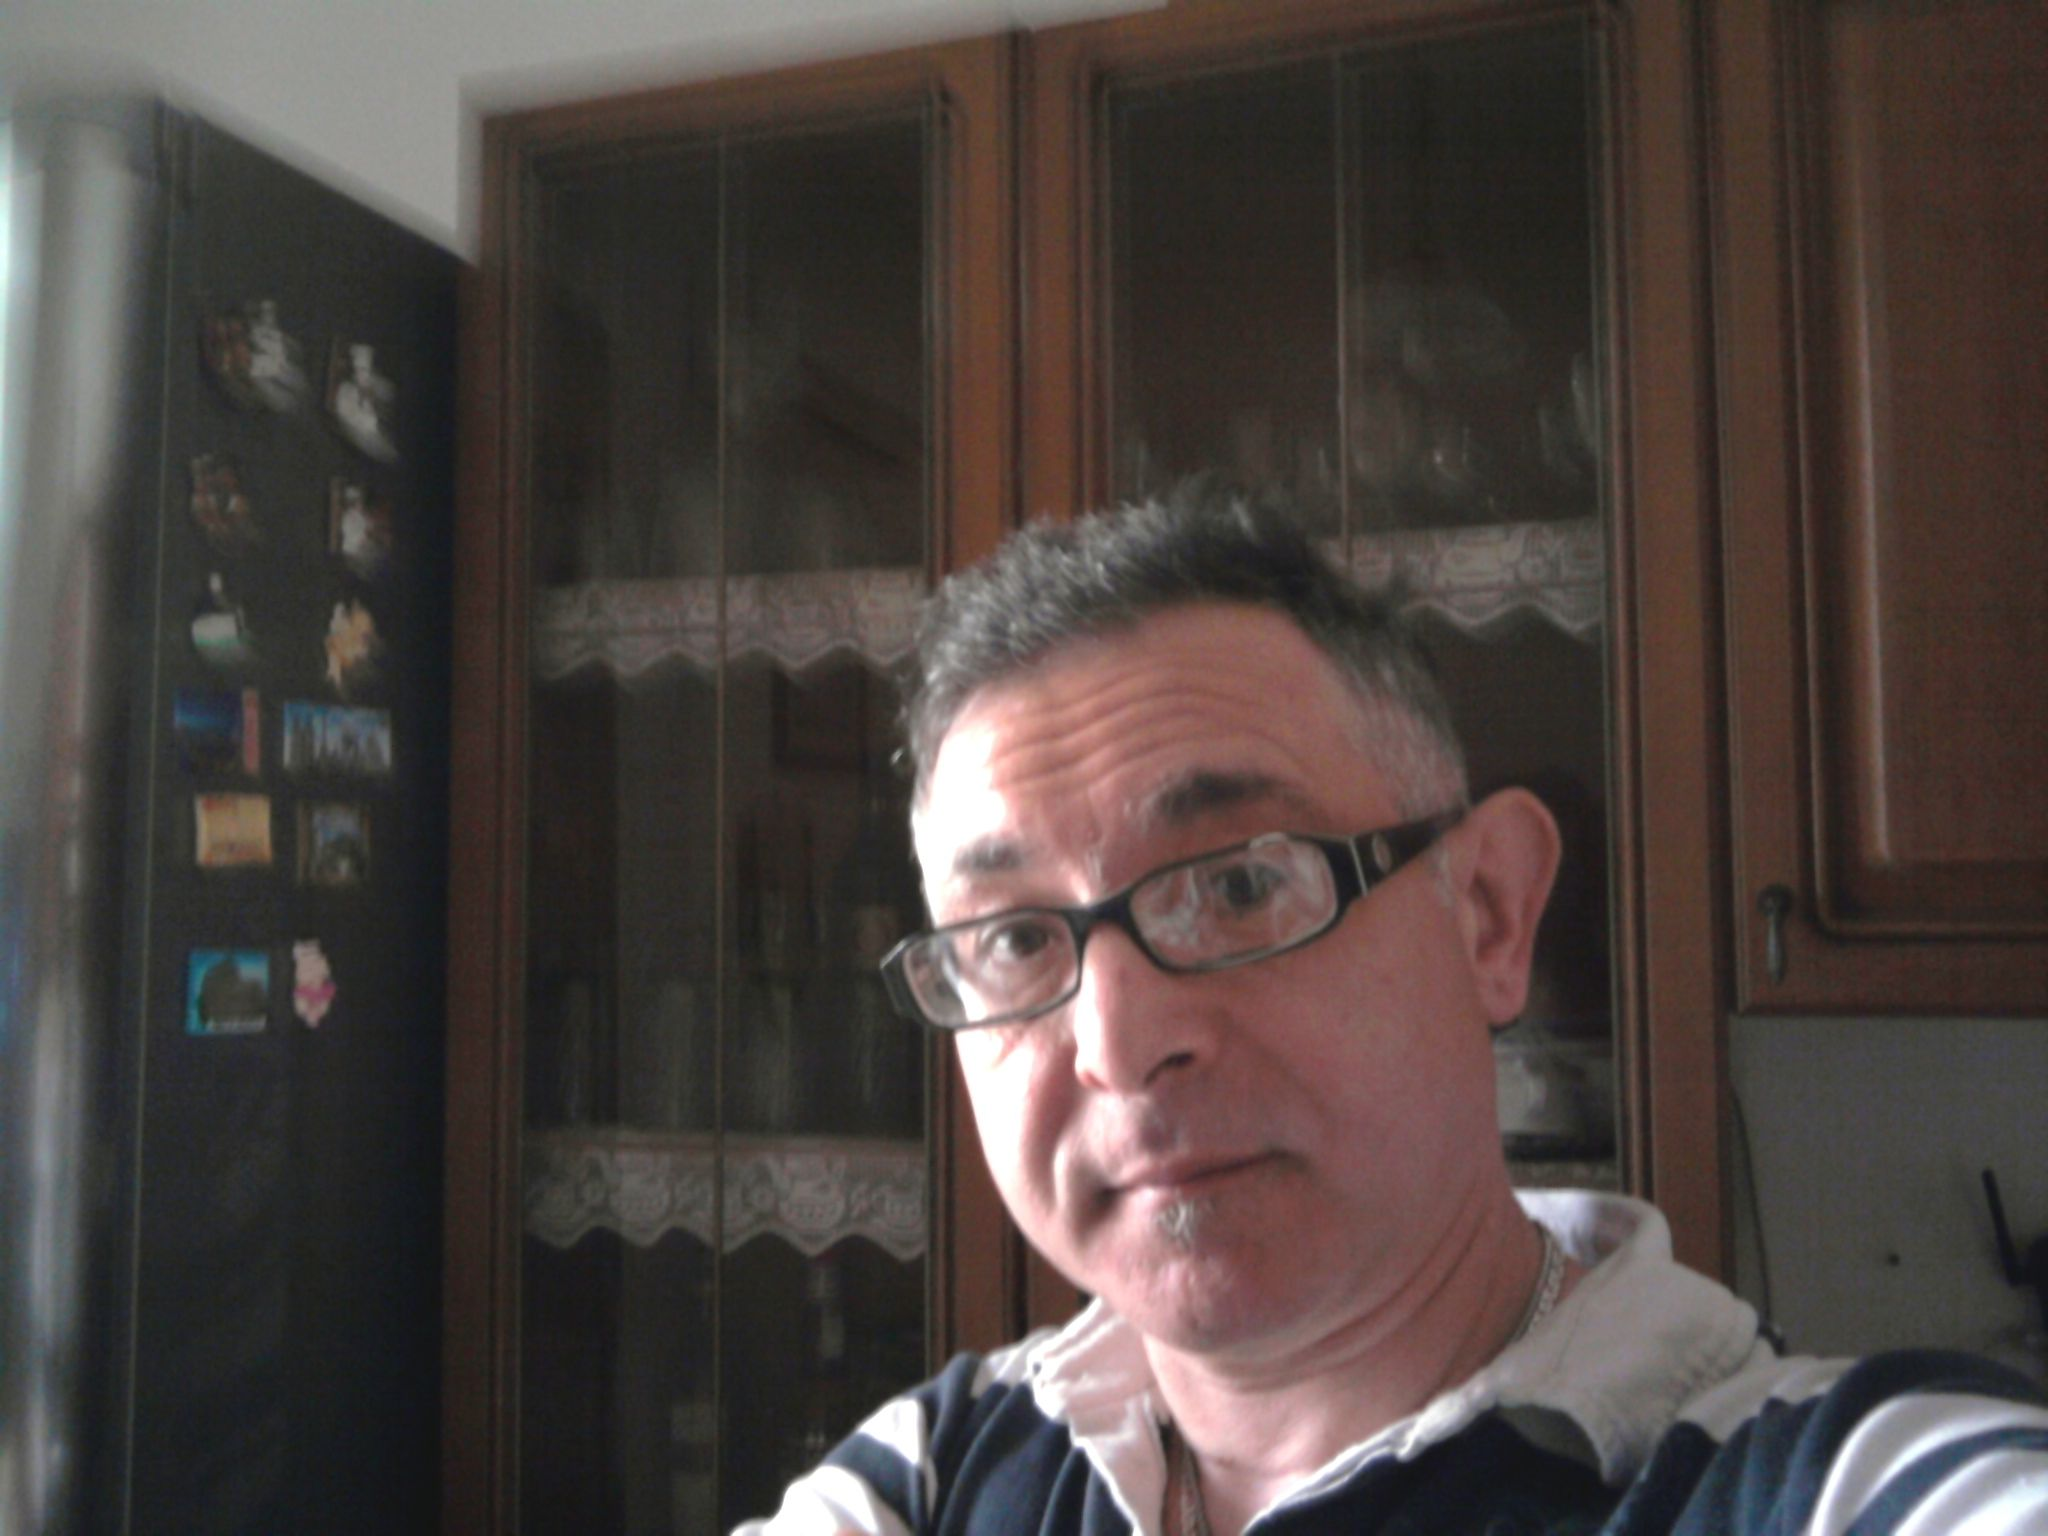 Meine ratlose Gesicht Befragung O_O  Gino D'Aquino